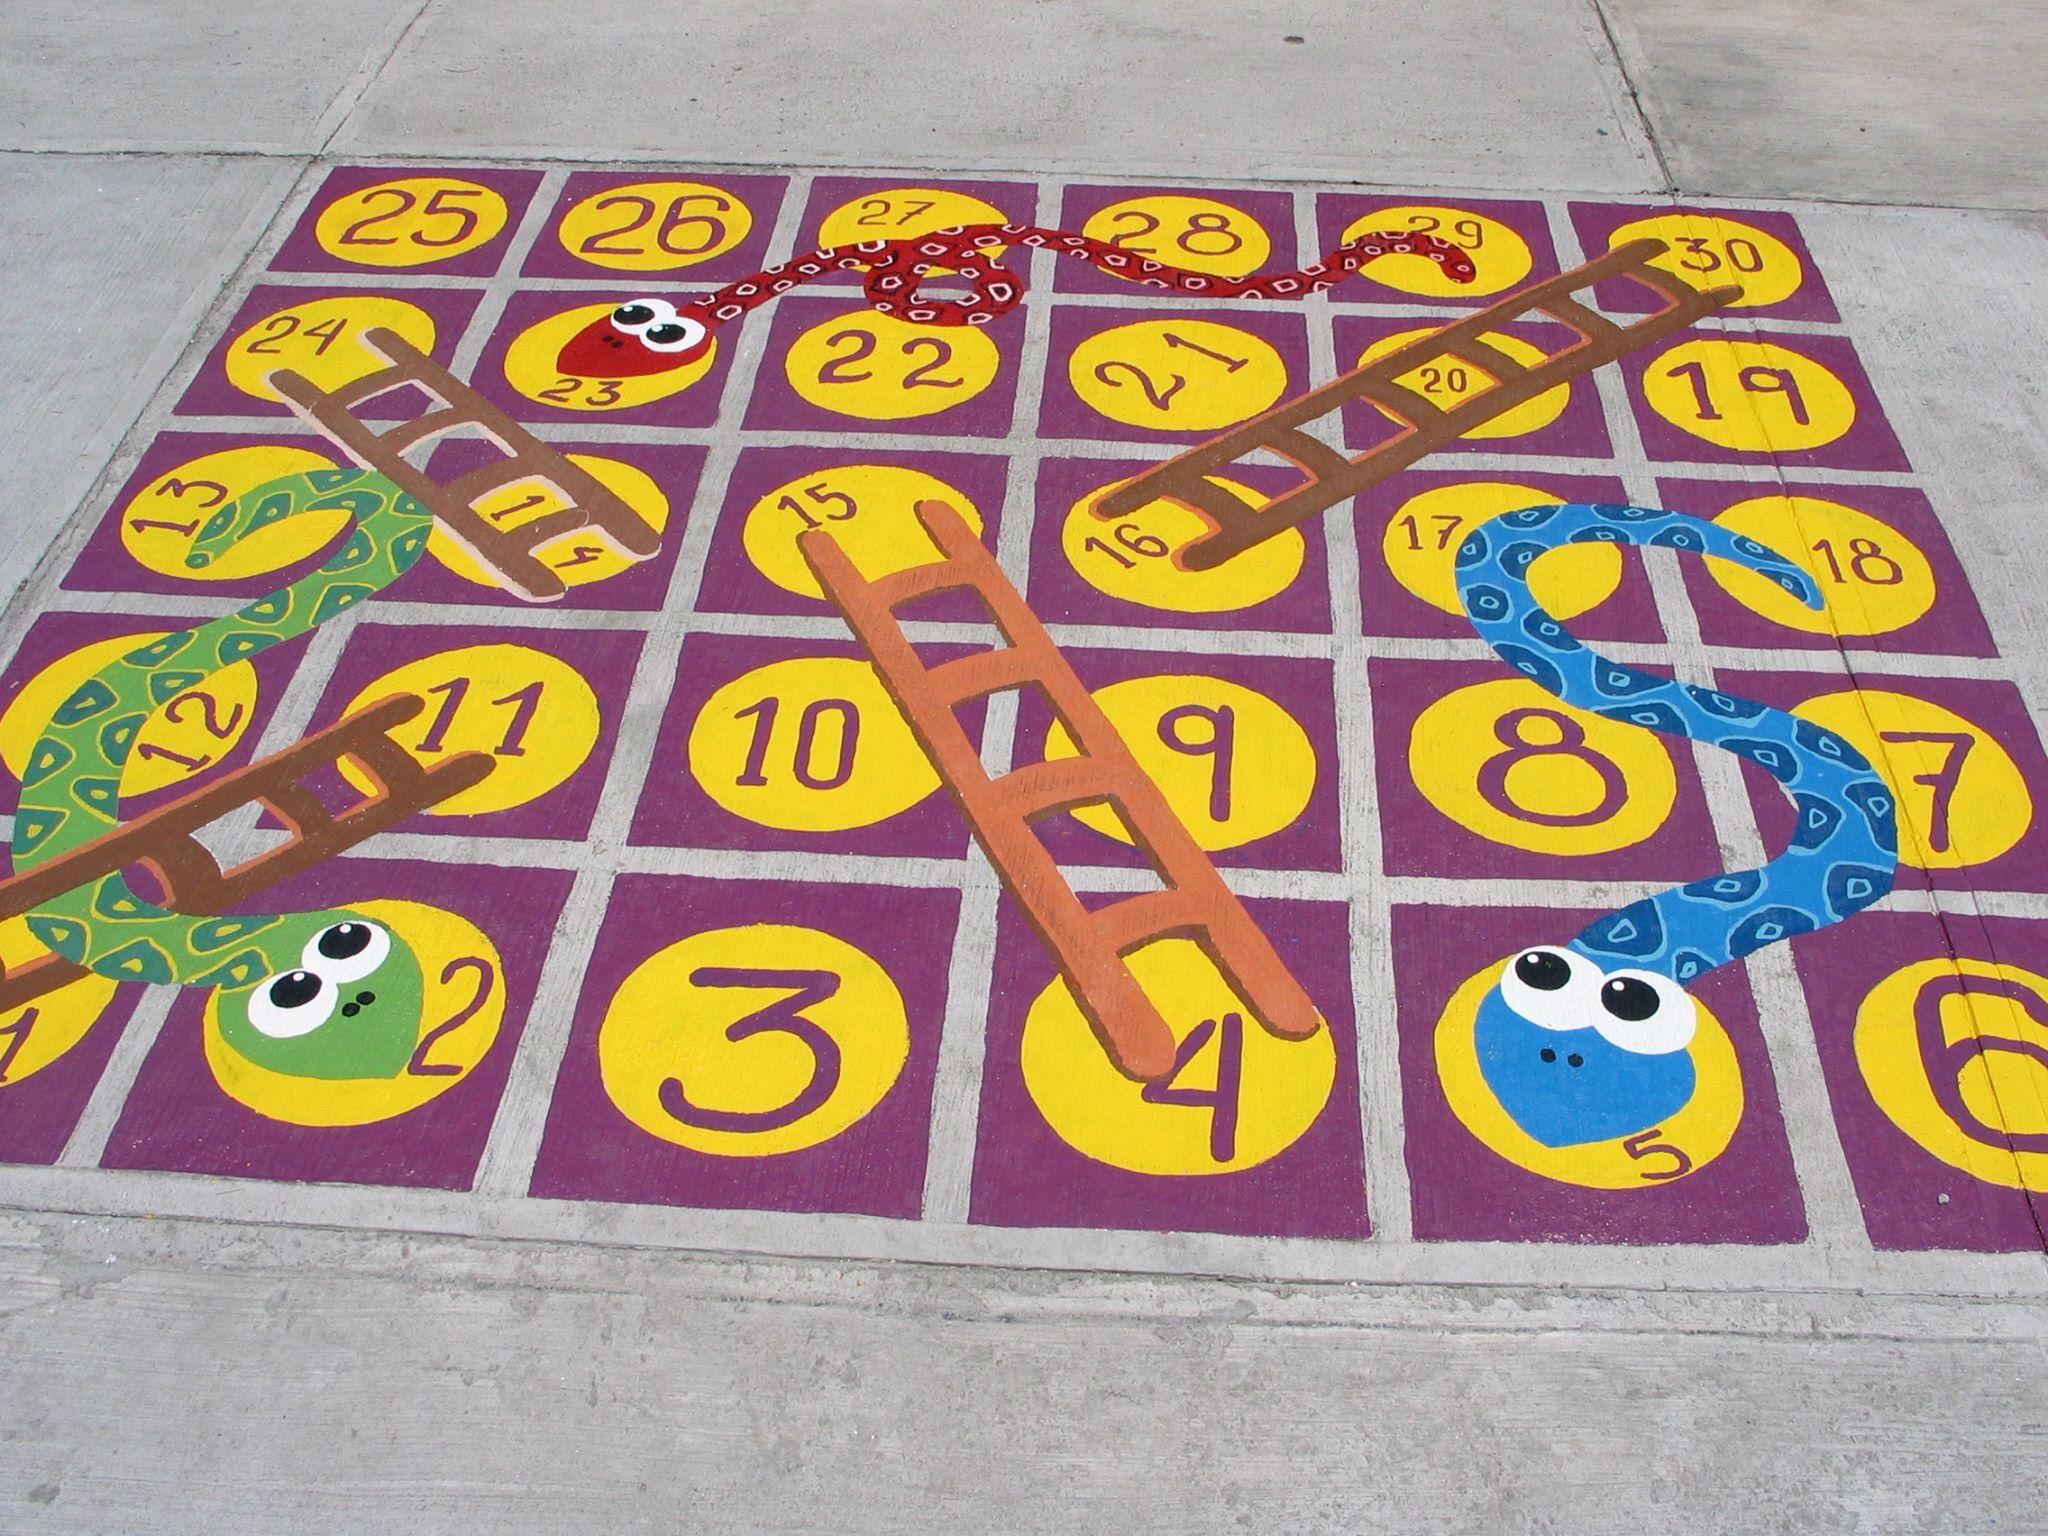 Serpientes Y Escaleras Kustiba Starpbrizos Pinterest Spiele